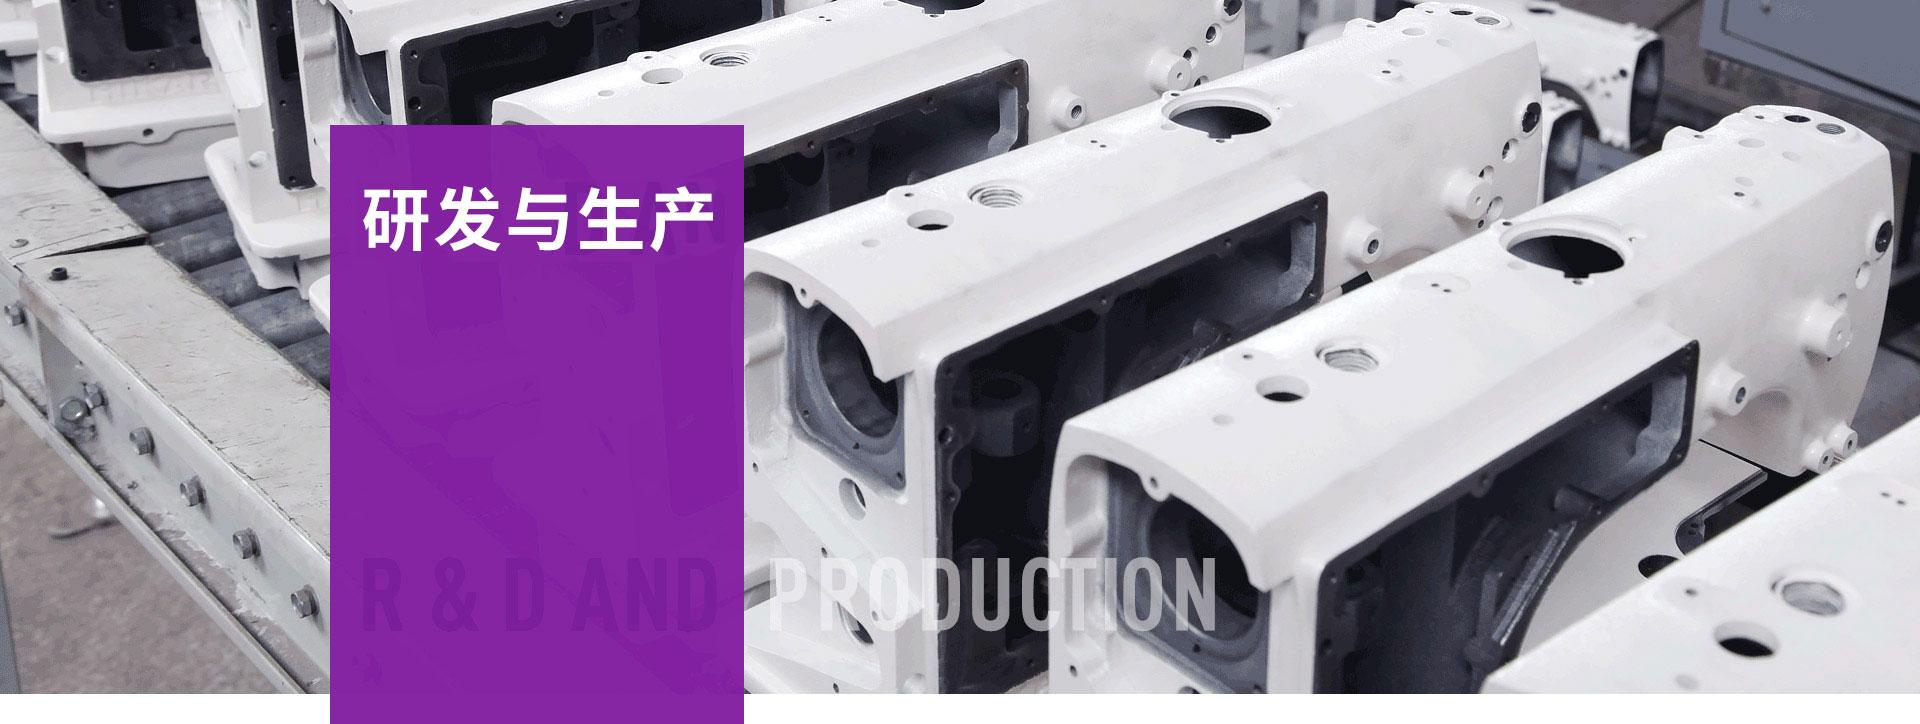 专业研发生产工业缝纫机车间